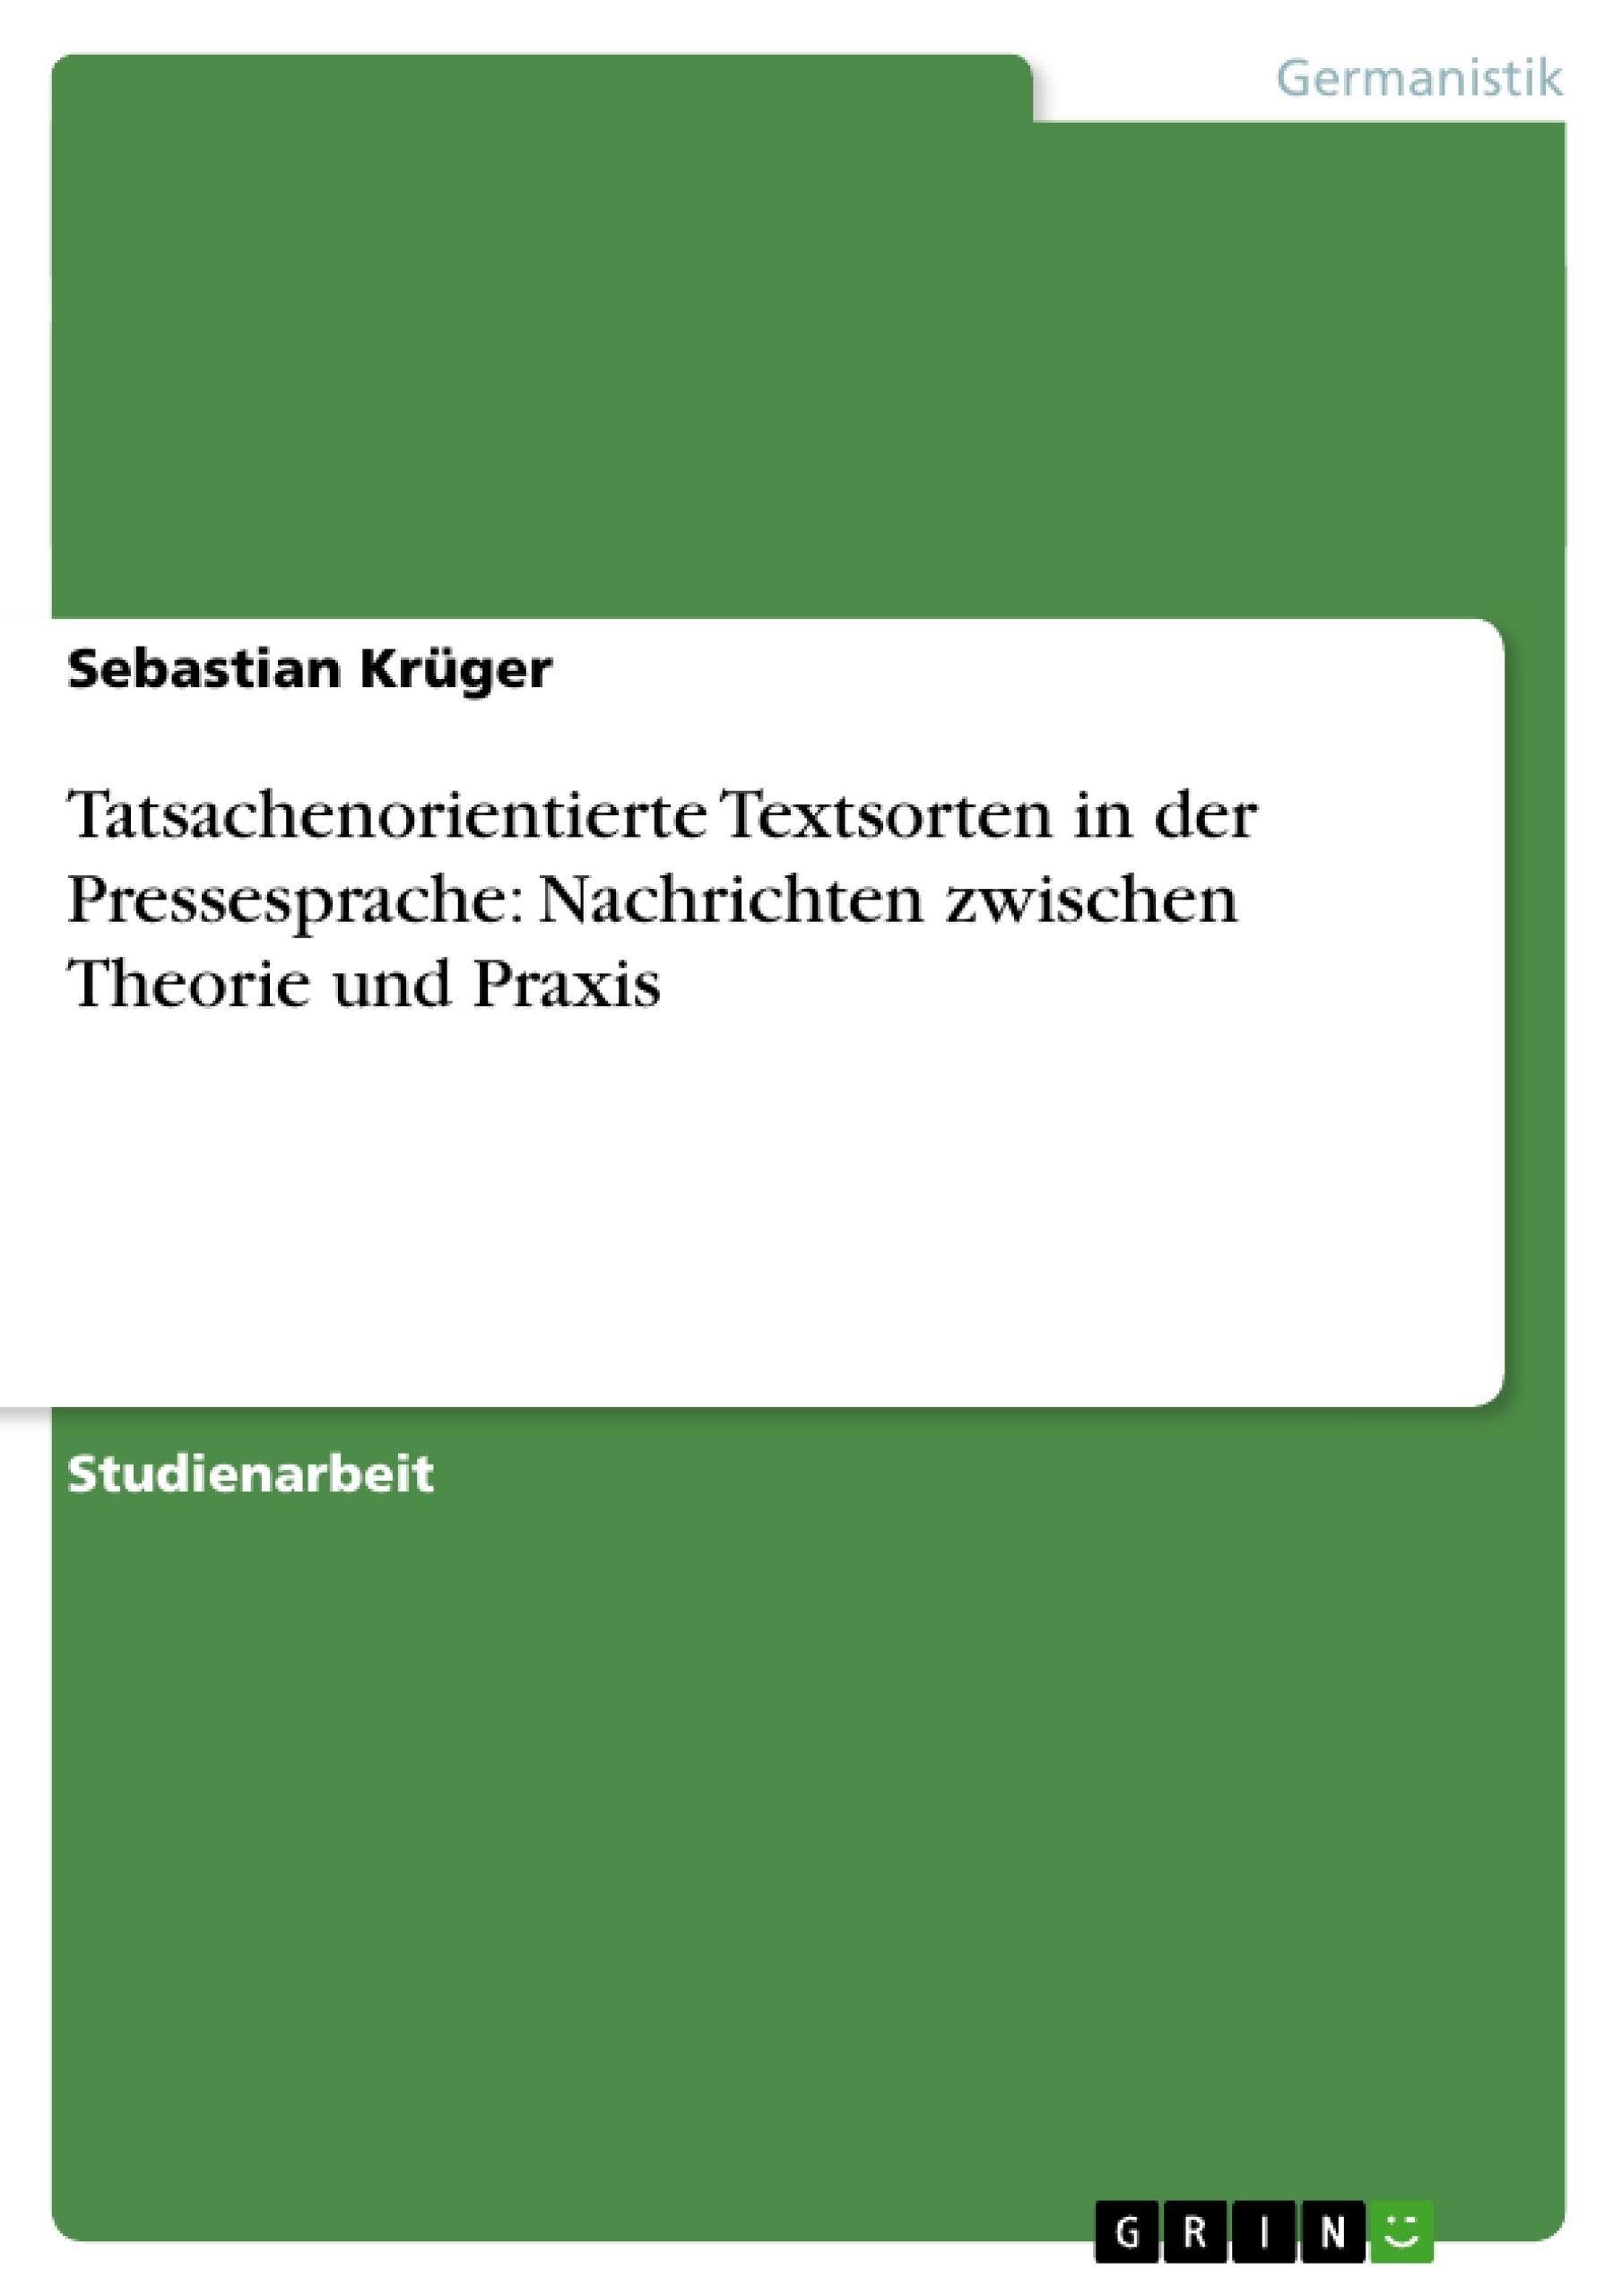 Titel: Tatsachenorientierte Textsorten in der Pressesprache: Nachrichten zwischen Theorie und Praxis